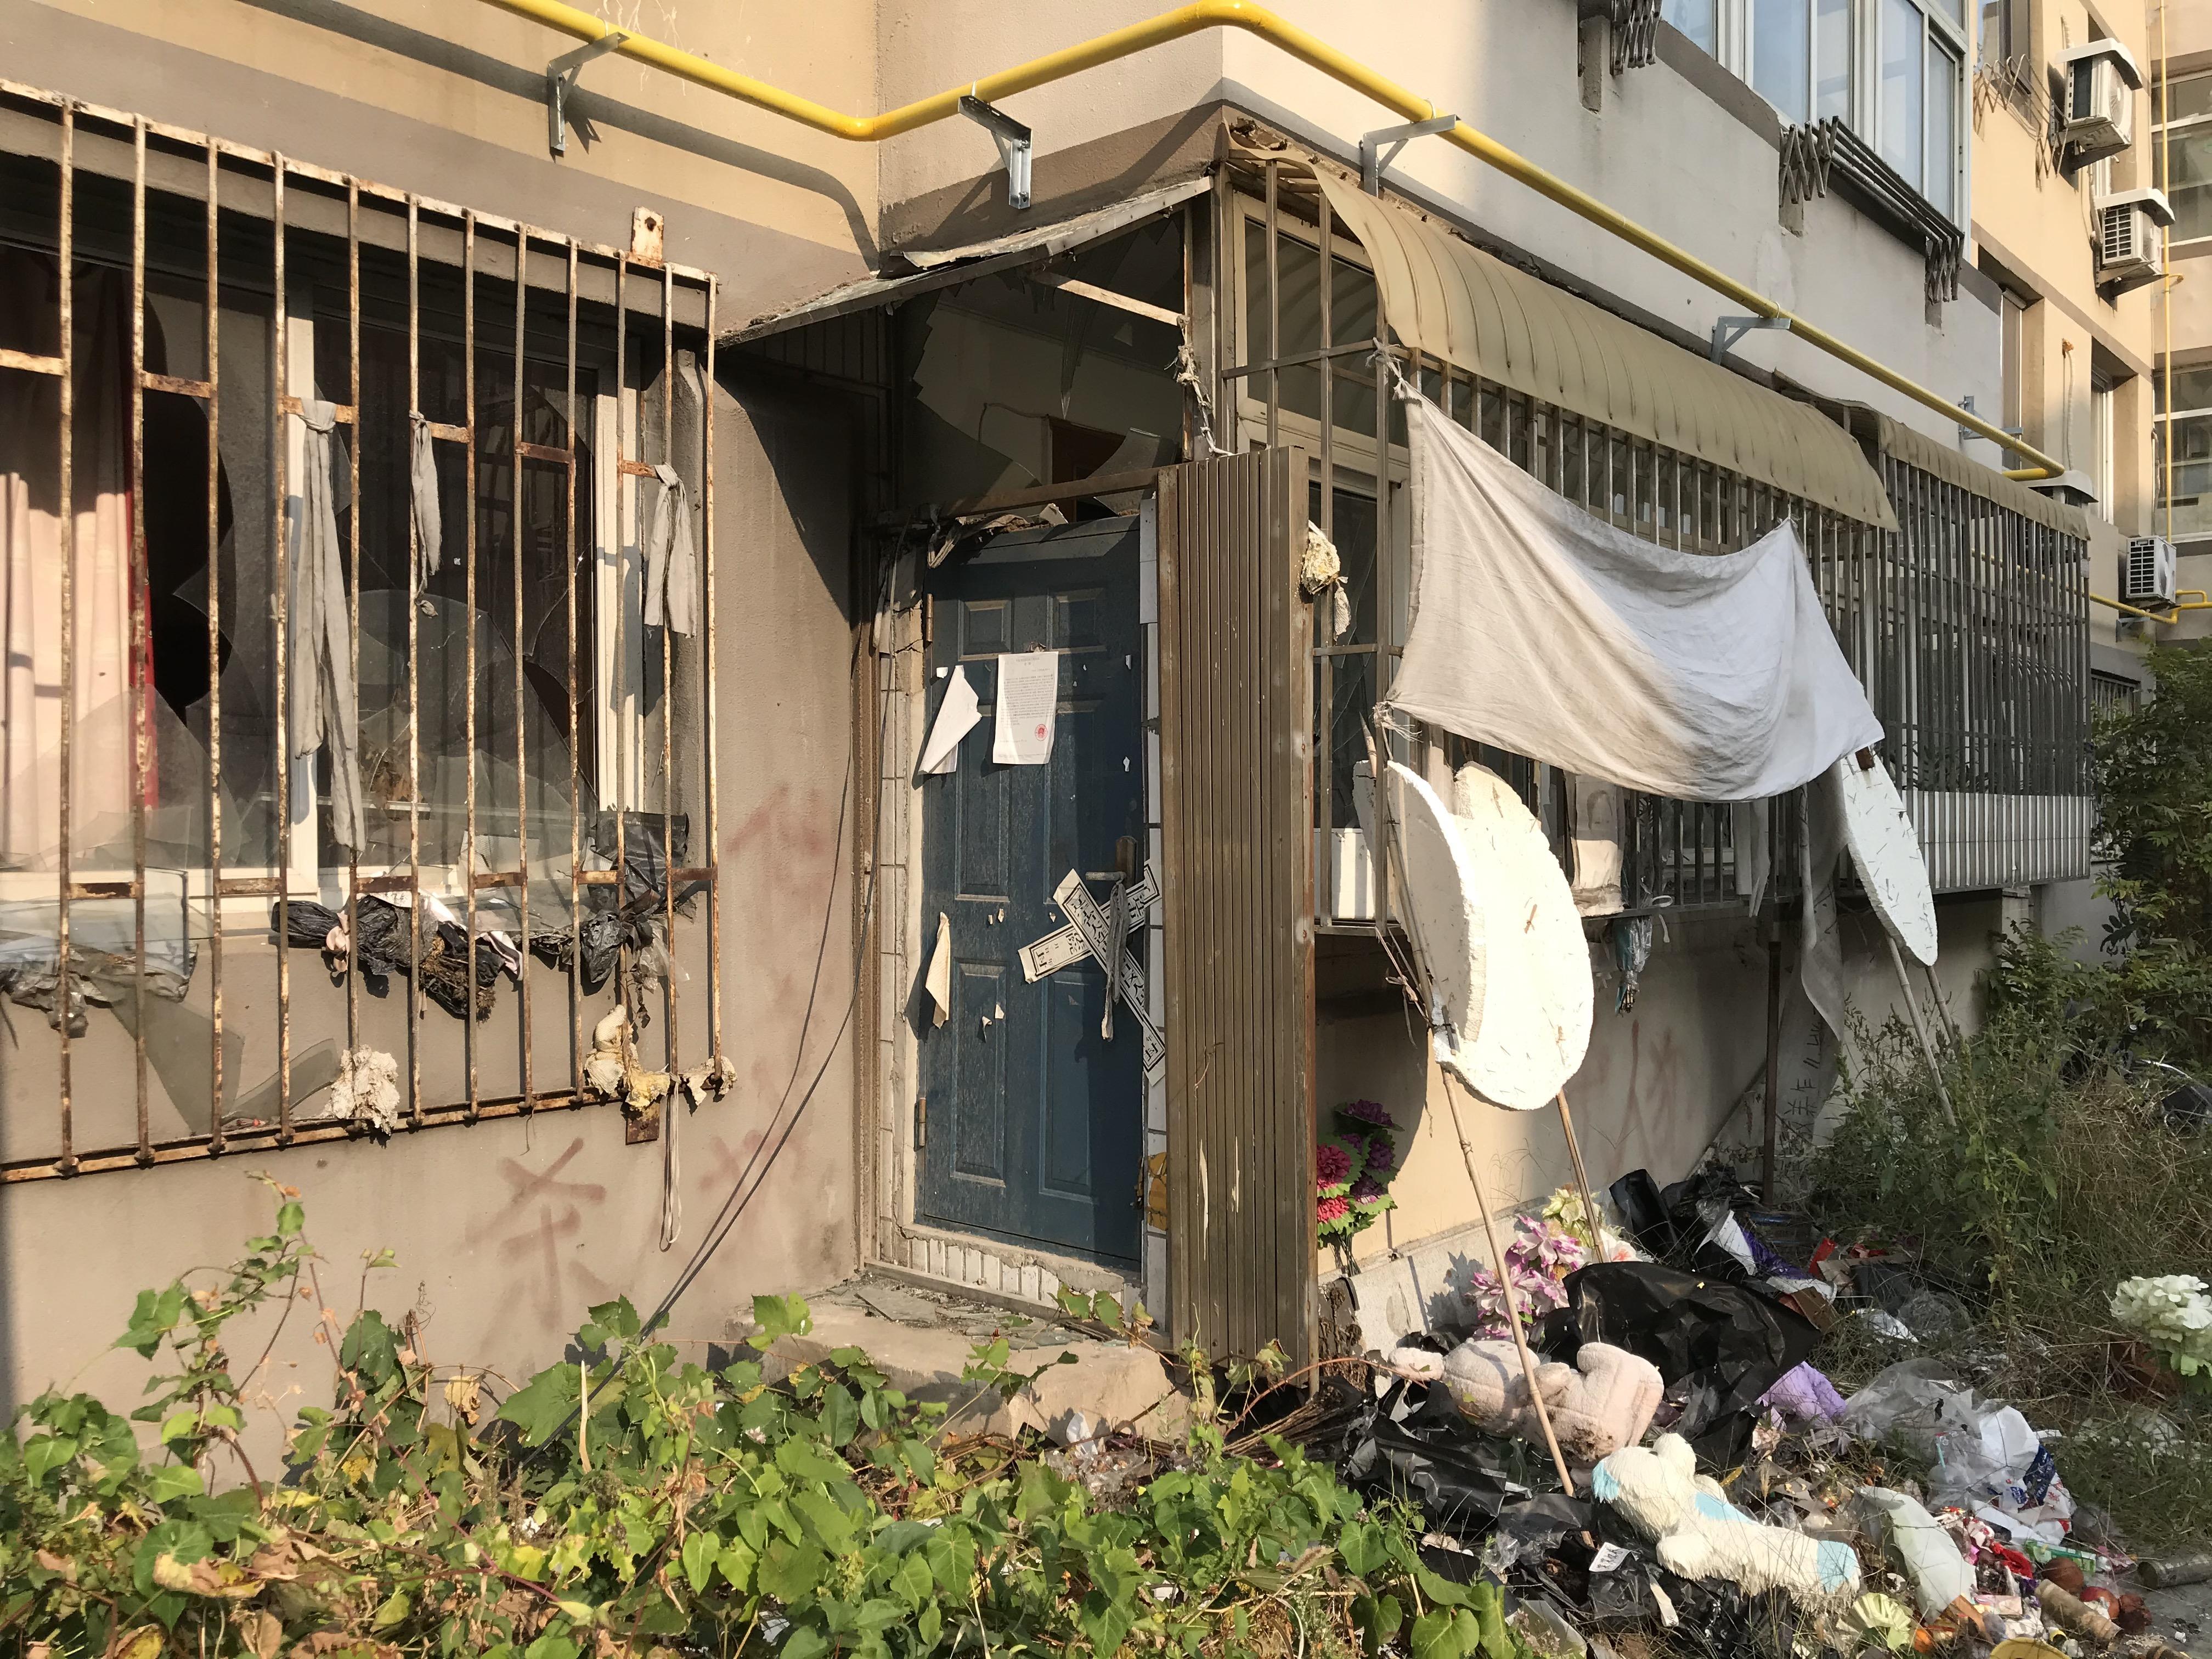 蔡鸣的家,门前放着花束、腐烂的水果、灰扑扑的玩偶。澎湃新闻记者 沈文迪 图